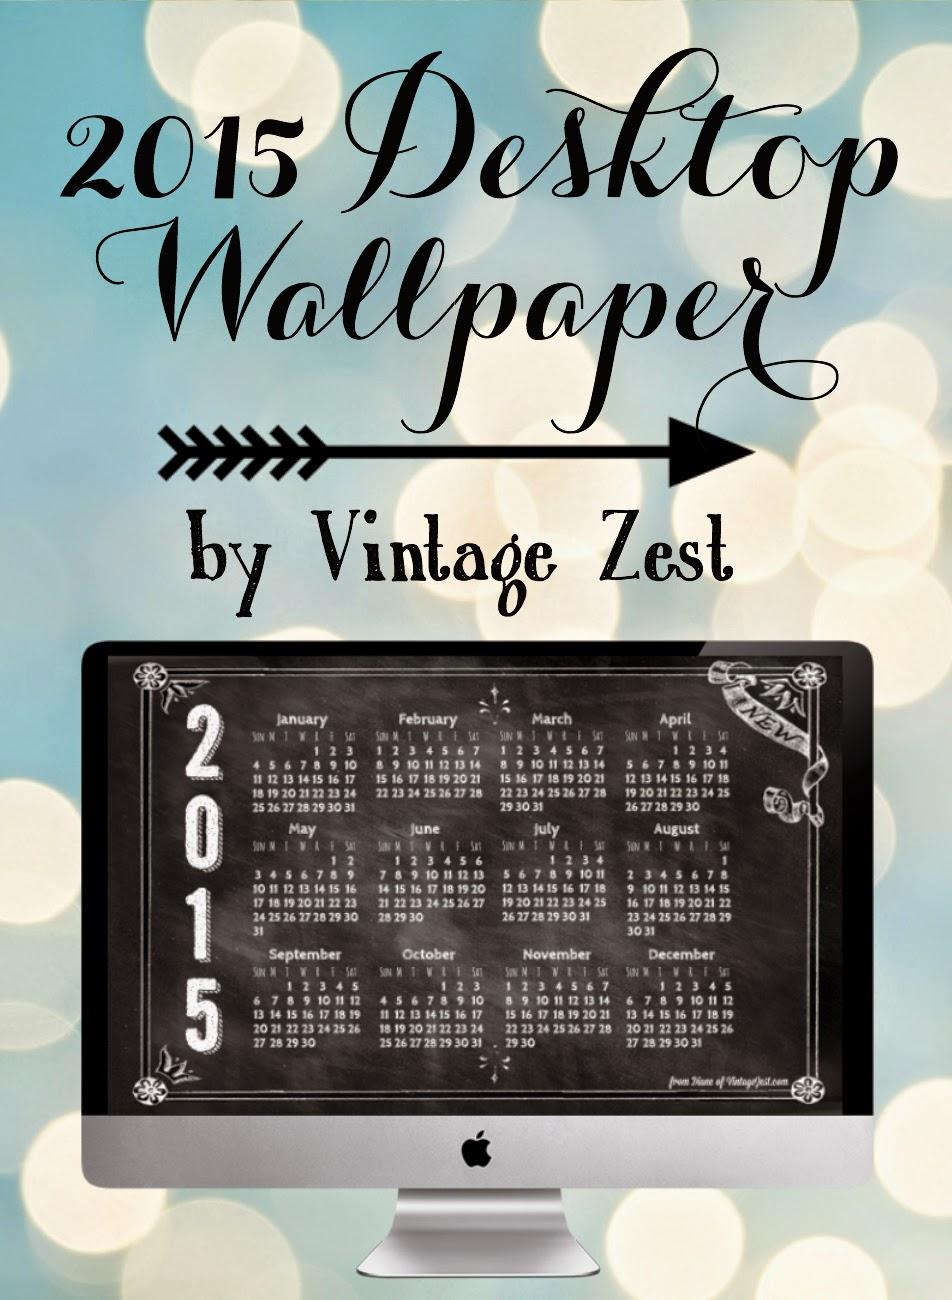 2015 Desktop Wallpaper Freebie! on Diane's Vintage Zest!